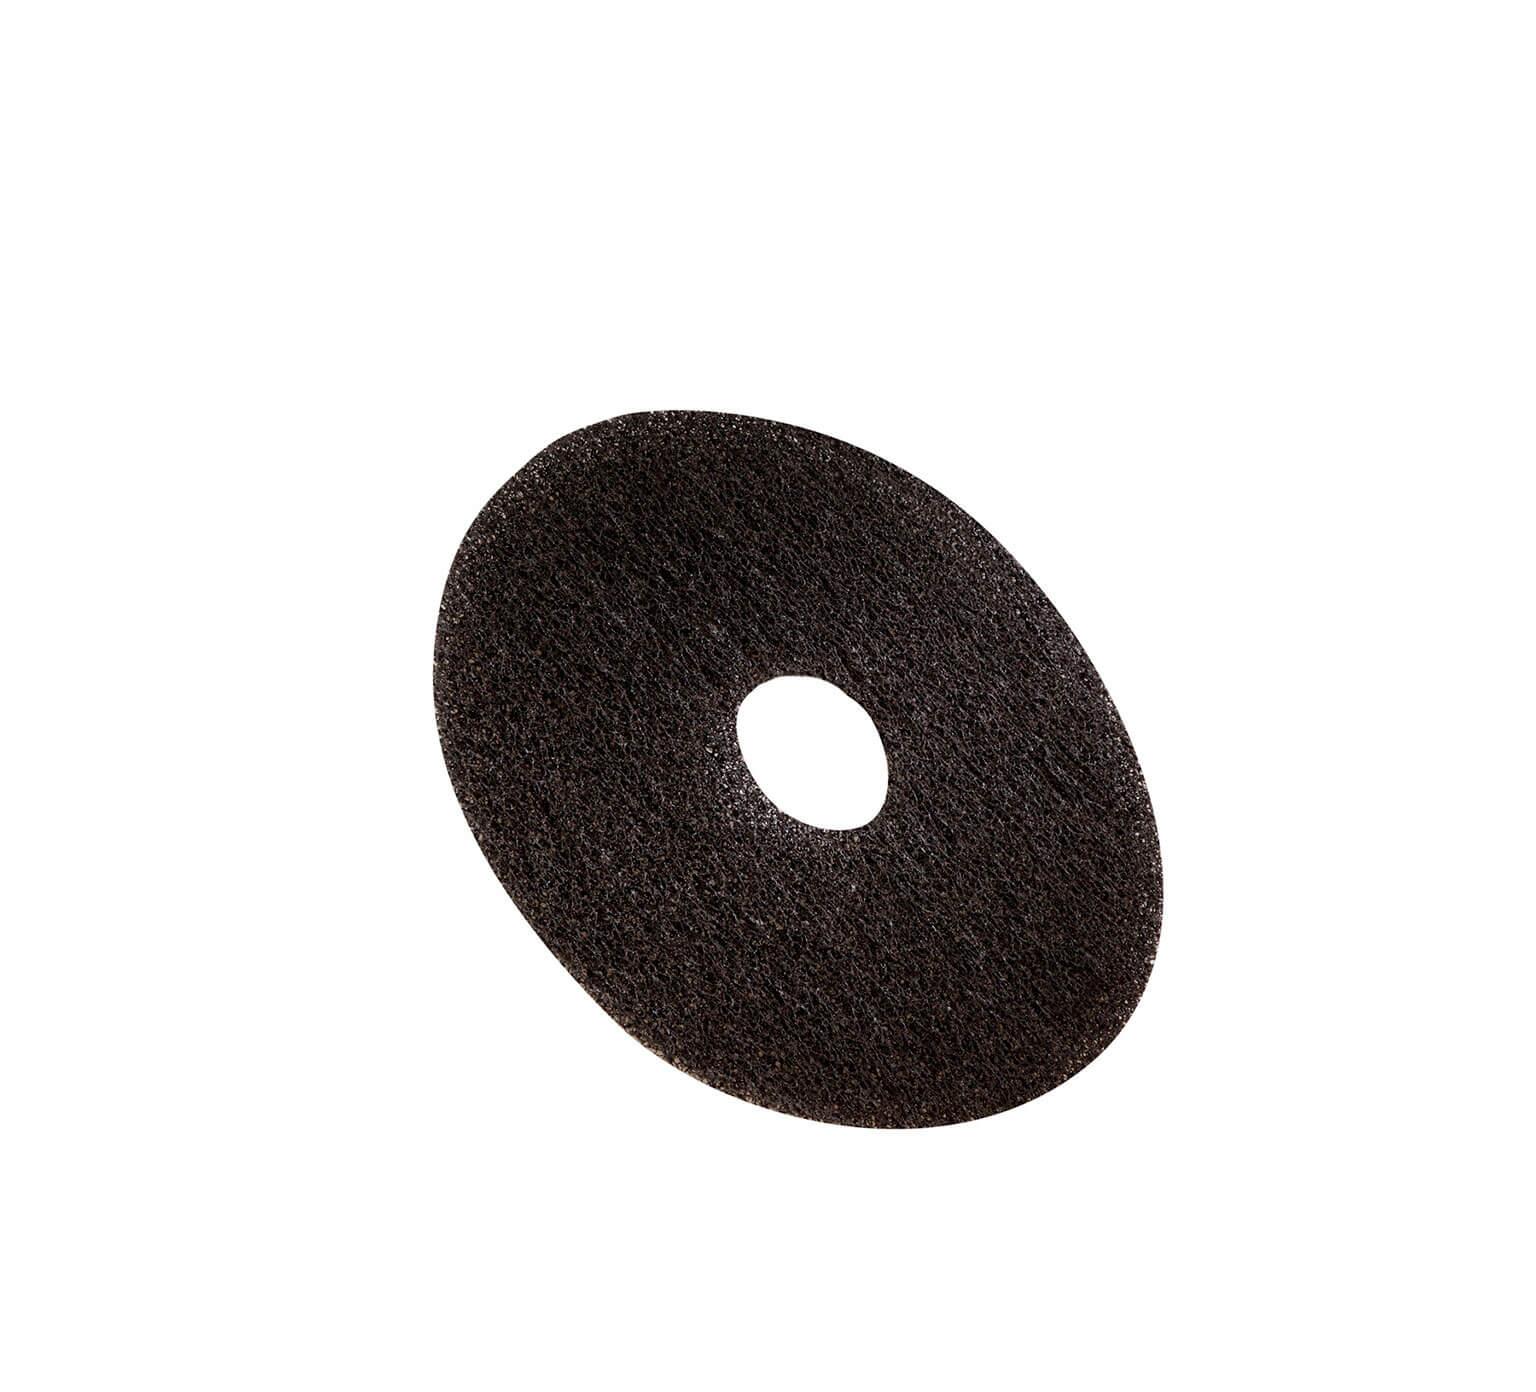 370092 <br>Подушечки для снятия изоляции 3M, черные — 406 мм / 16 дюймов